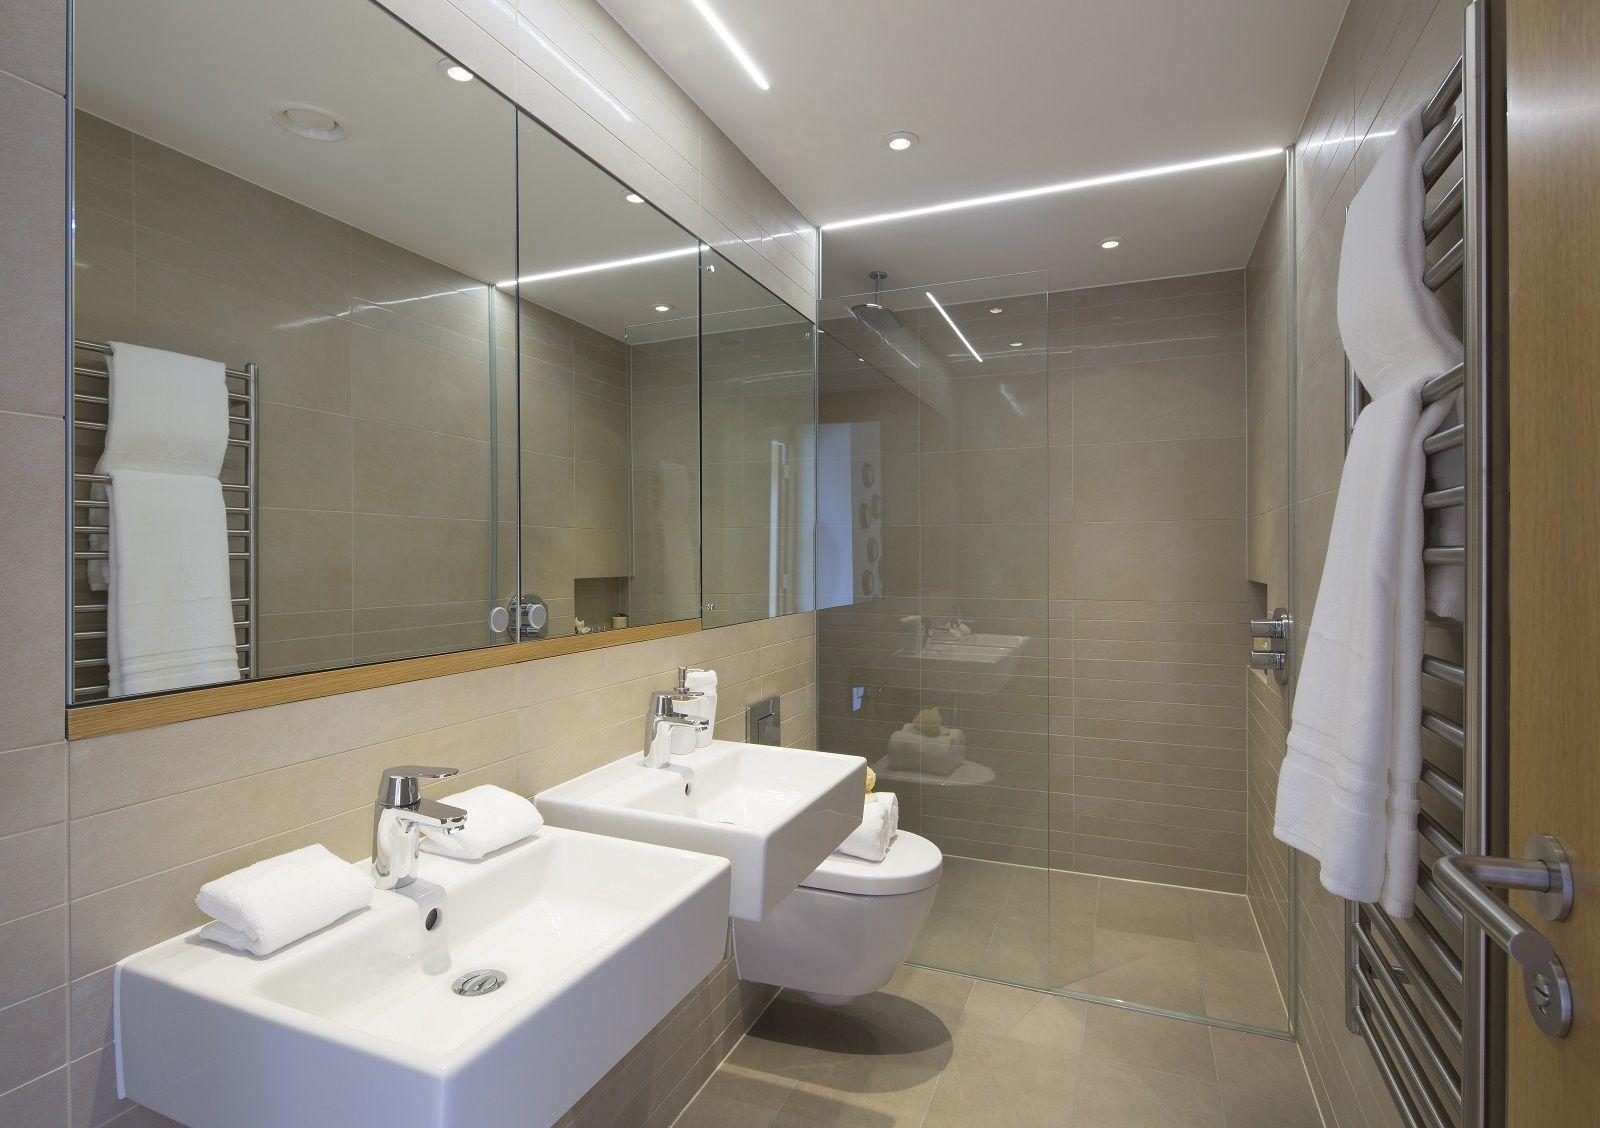 Gallery Luxury Bathroom Vanity Designs Luxury Bathroom